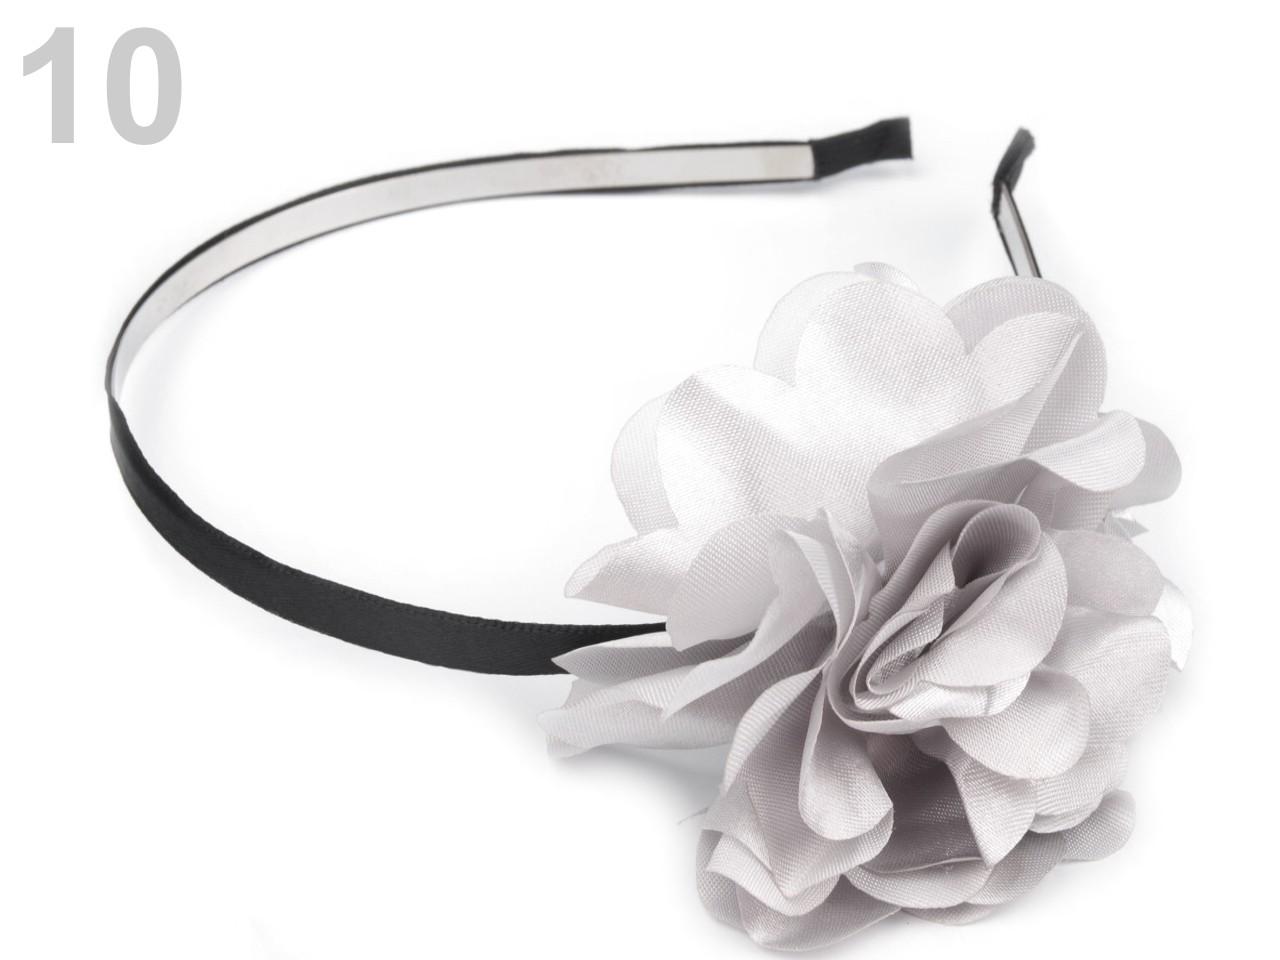 Čelenka kovová s květem Ø 50mm 1ks - 57 Kč / ks 10 šedá nejsv.